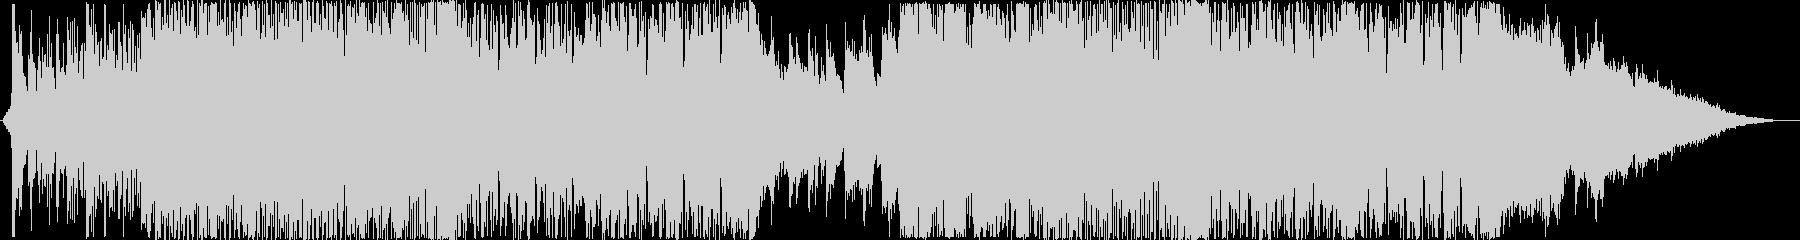 和楽器をフィーチャーしたEDMの未再生の波形